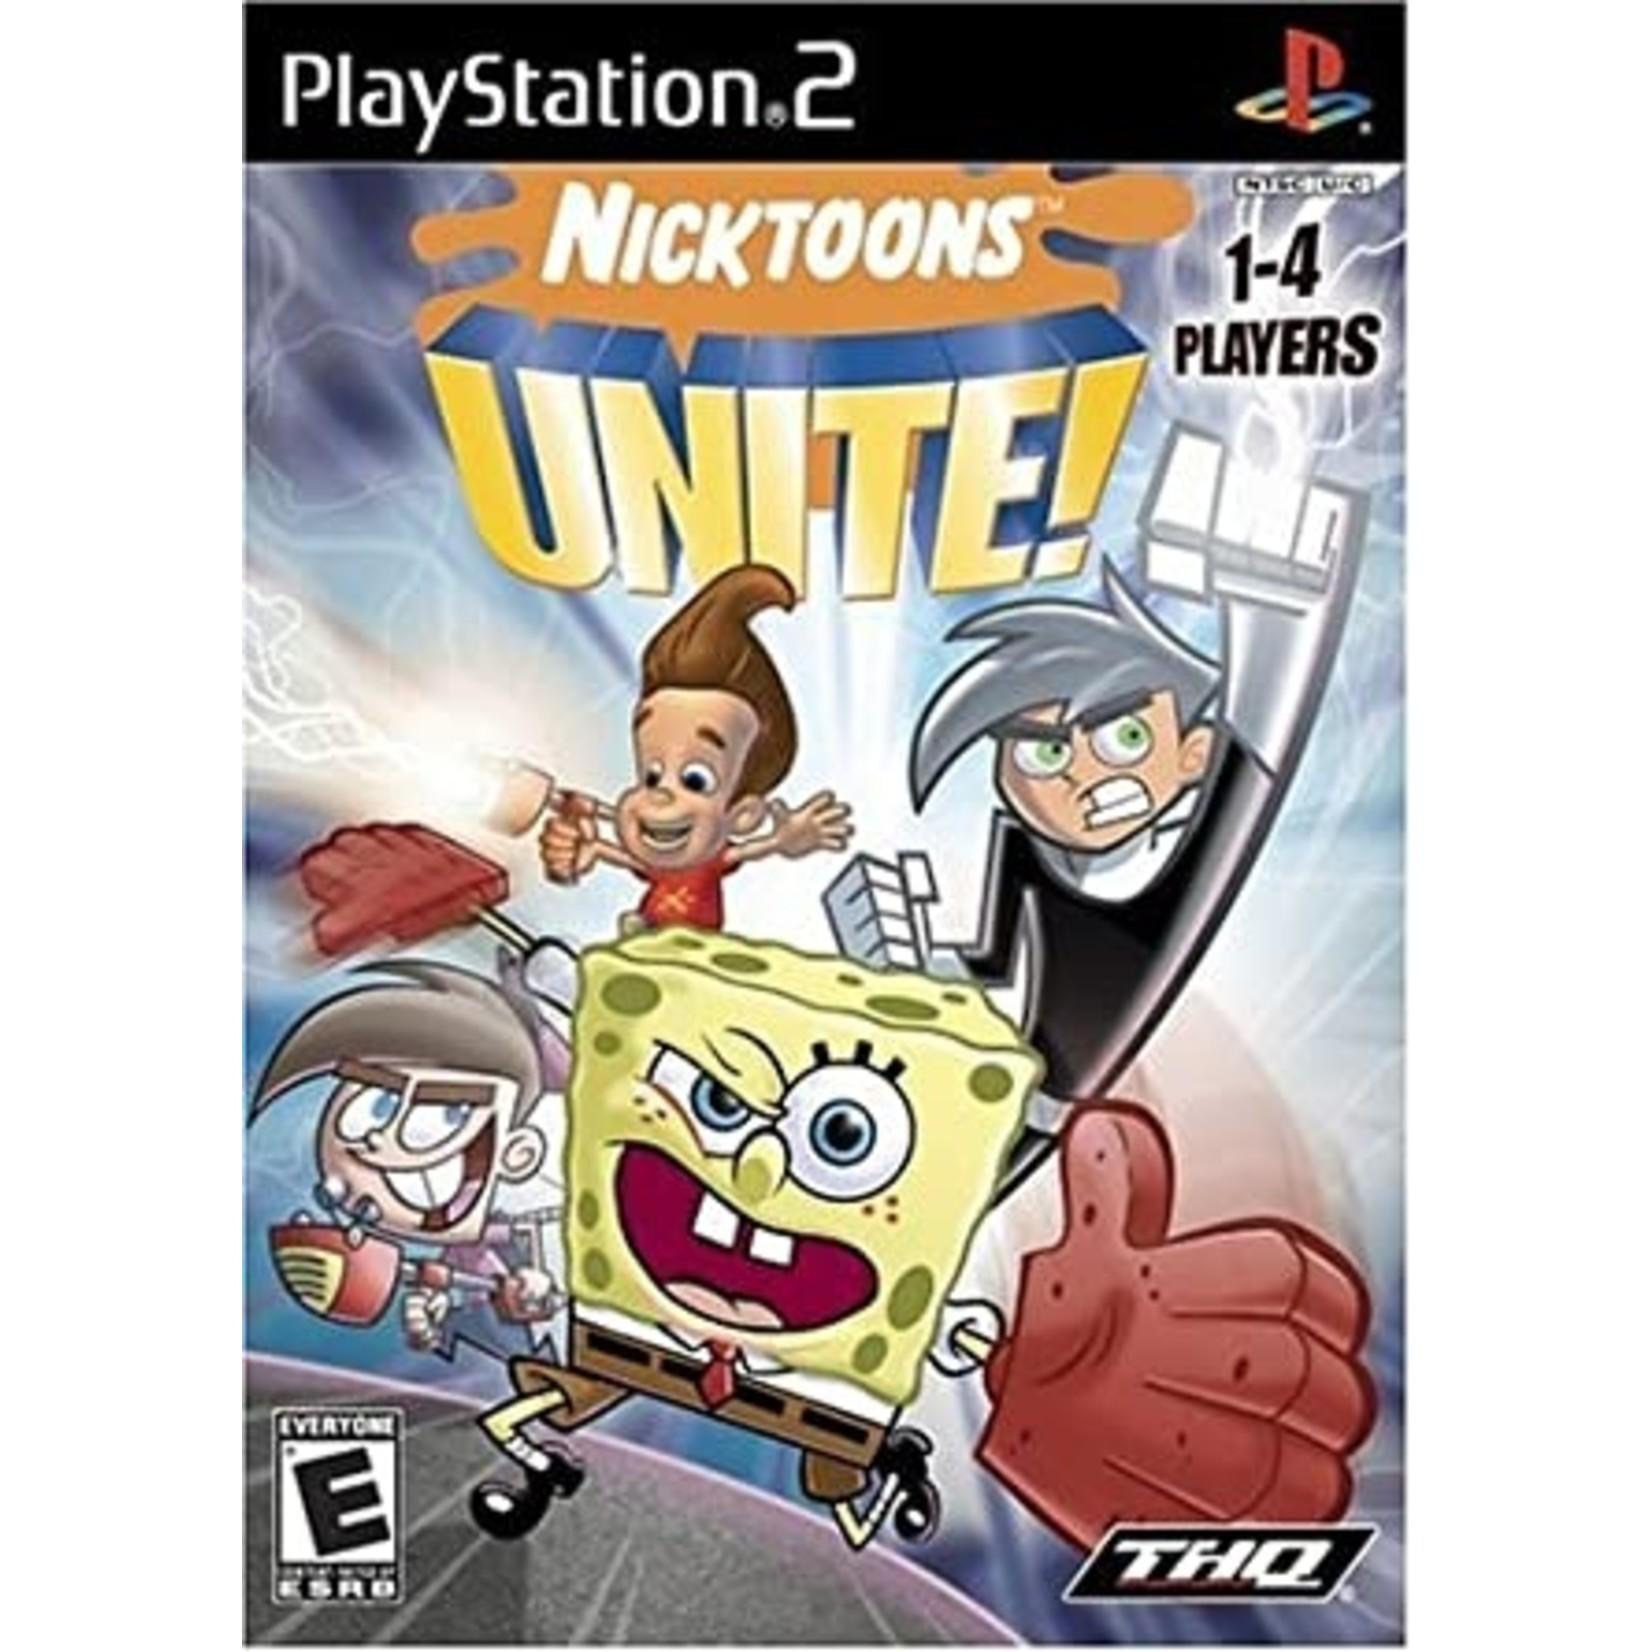 PS2U-Nicktoons Unite